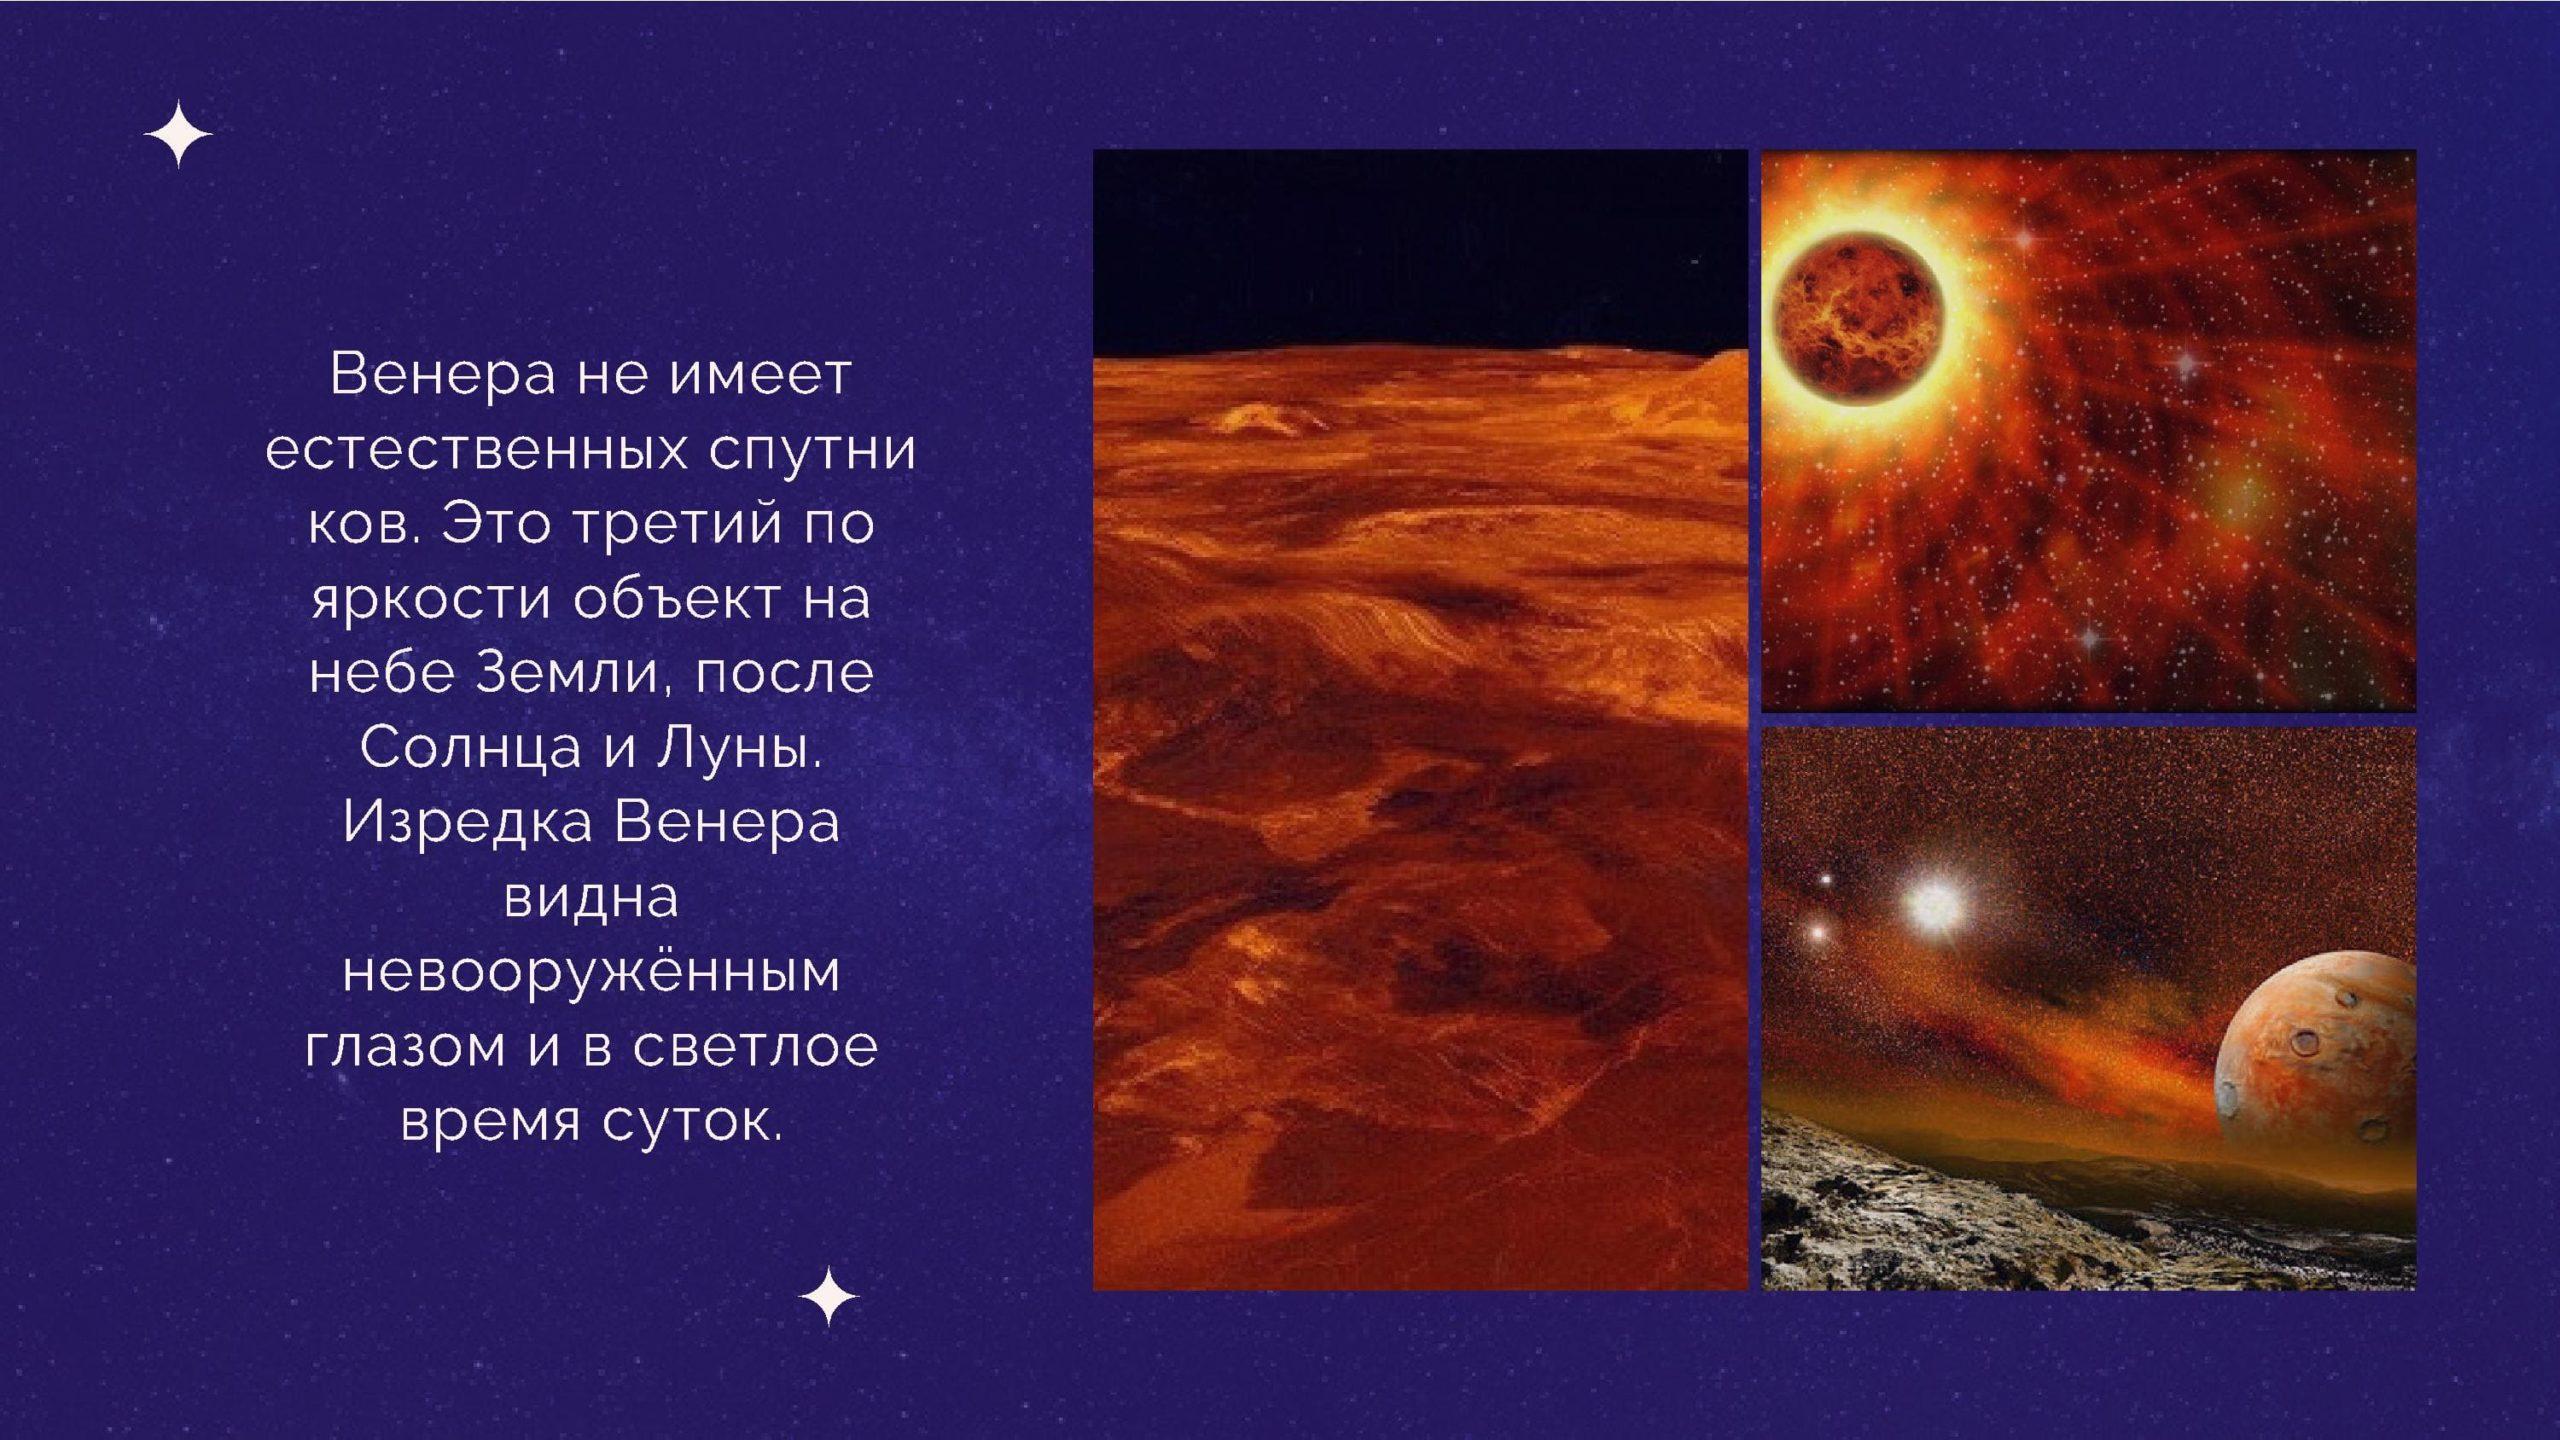 Венера не имеет естественных спутников